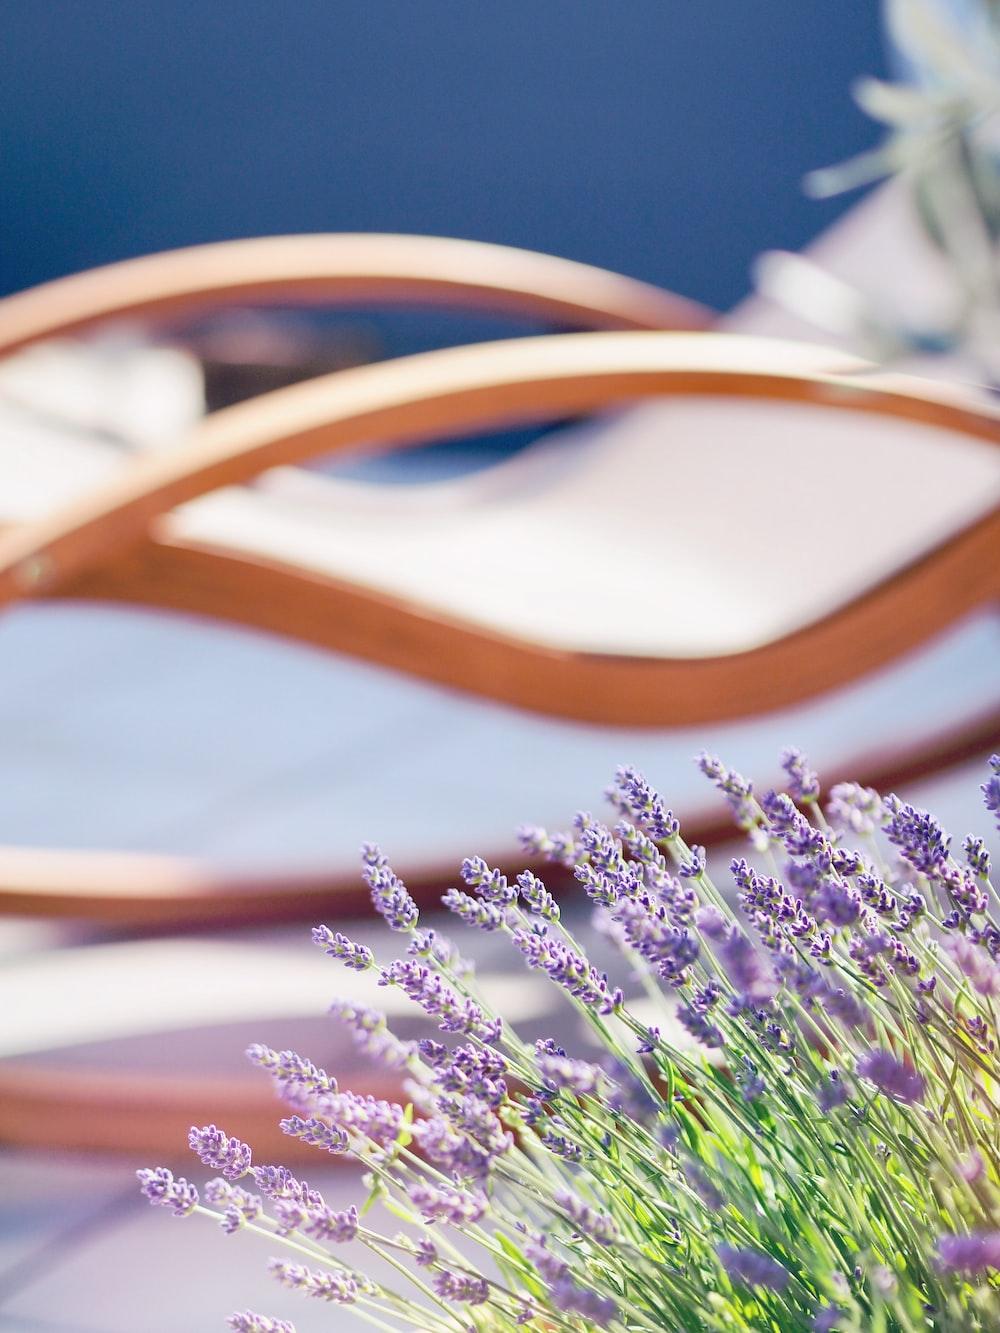 purple flowered plants